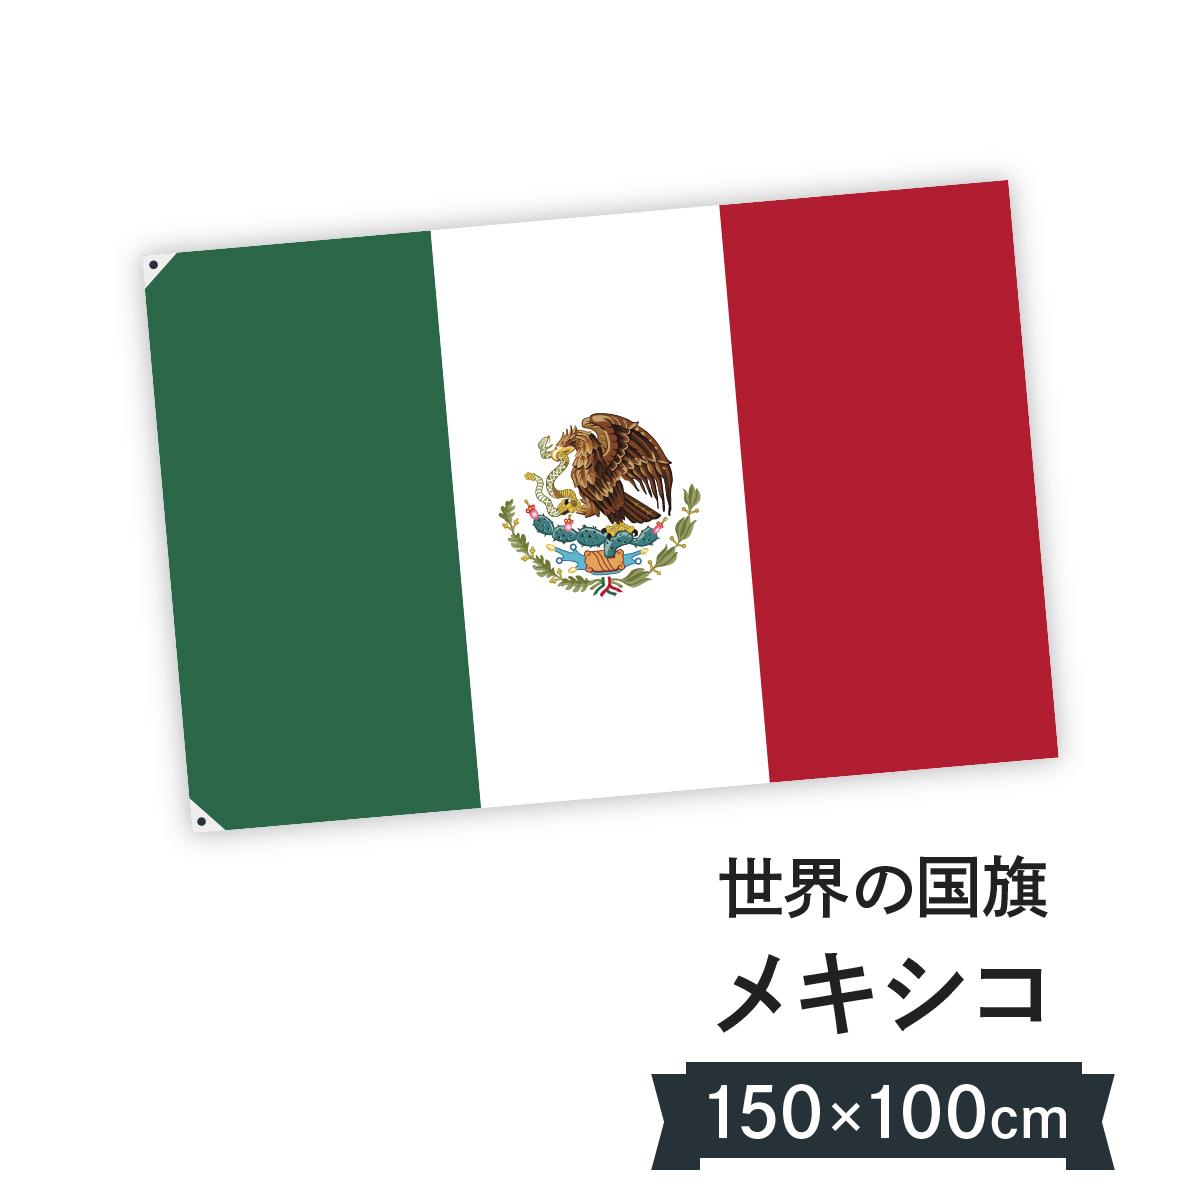 メキシコ合衆国 国旗 W150cm H100cm